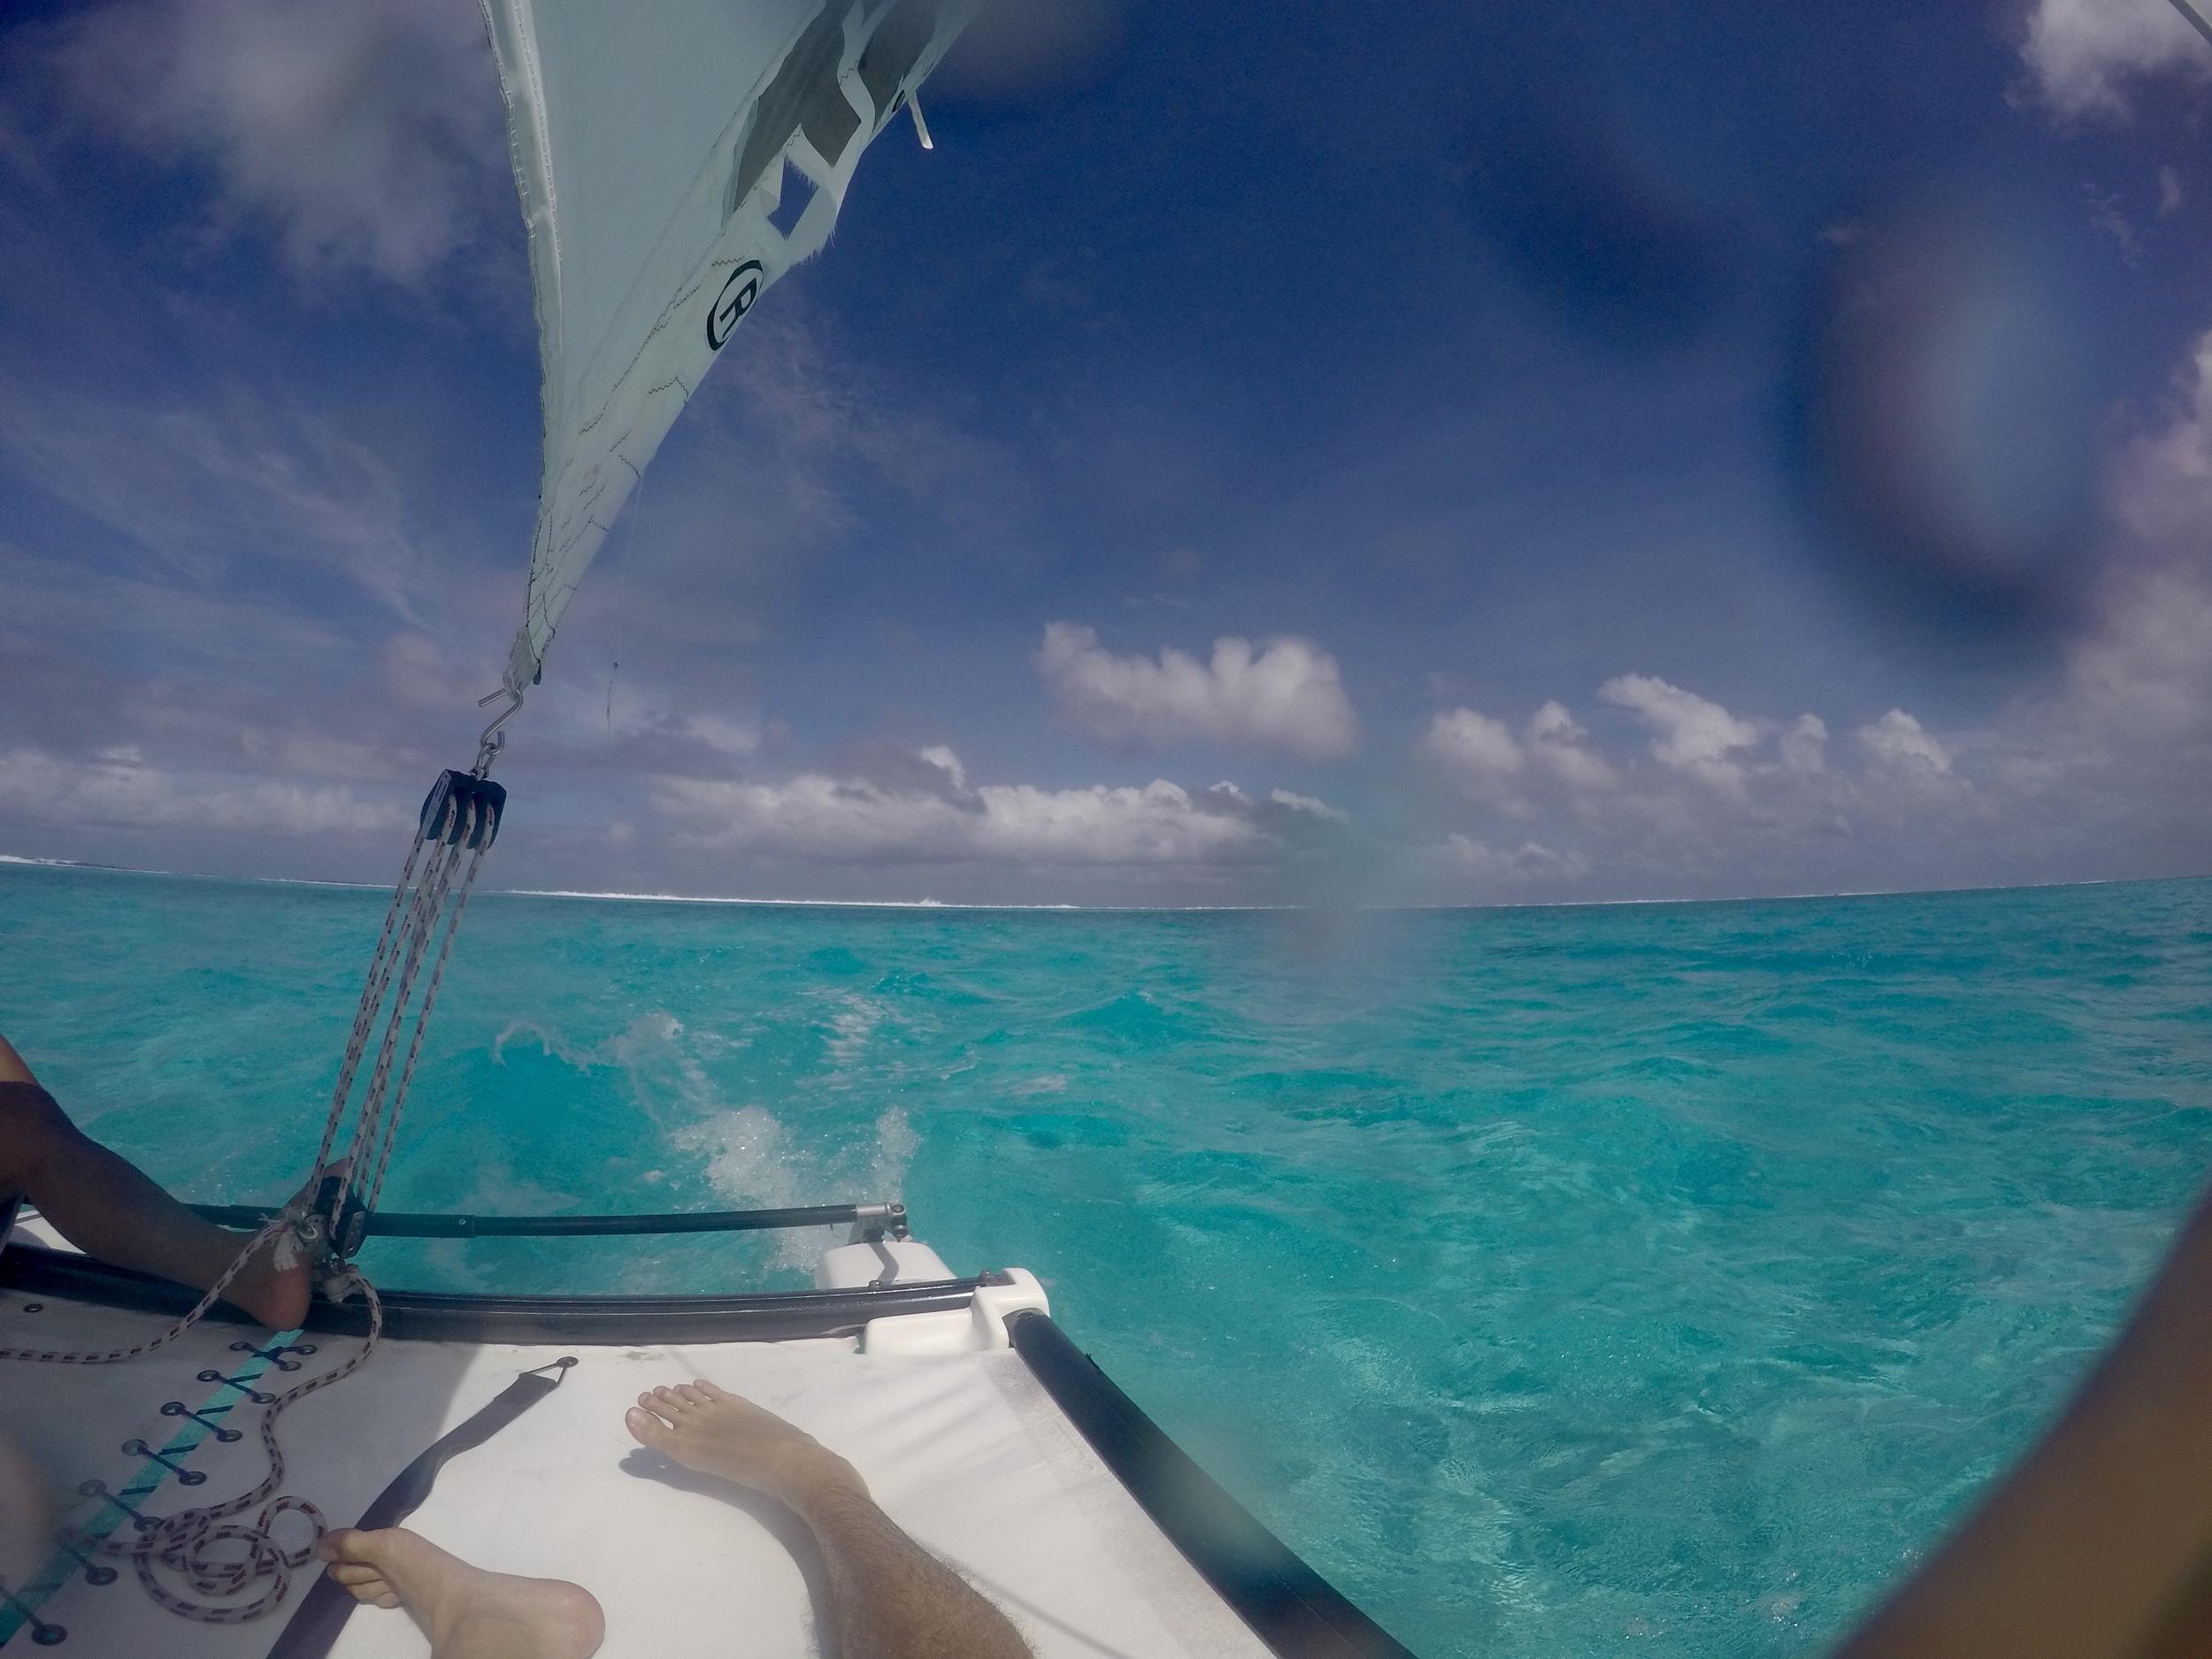 Catamaran on the lagoon